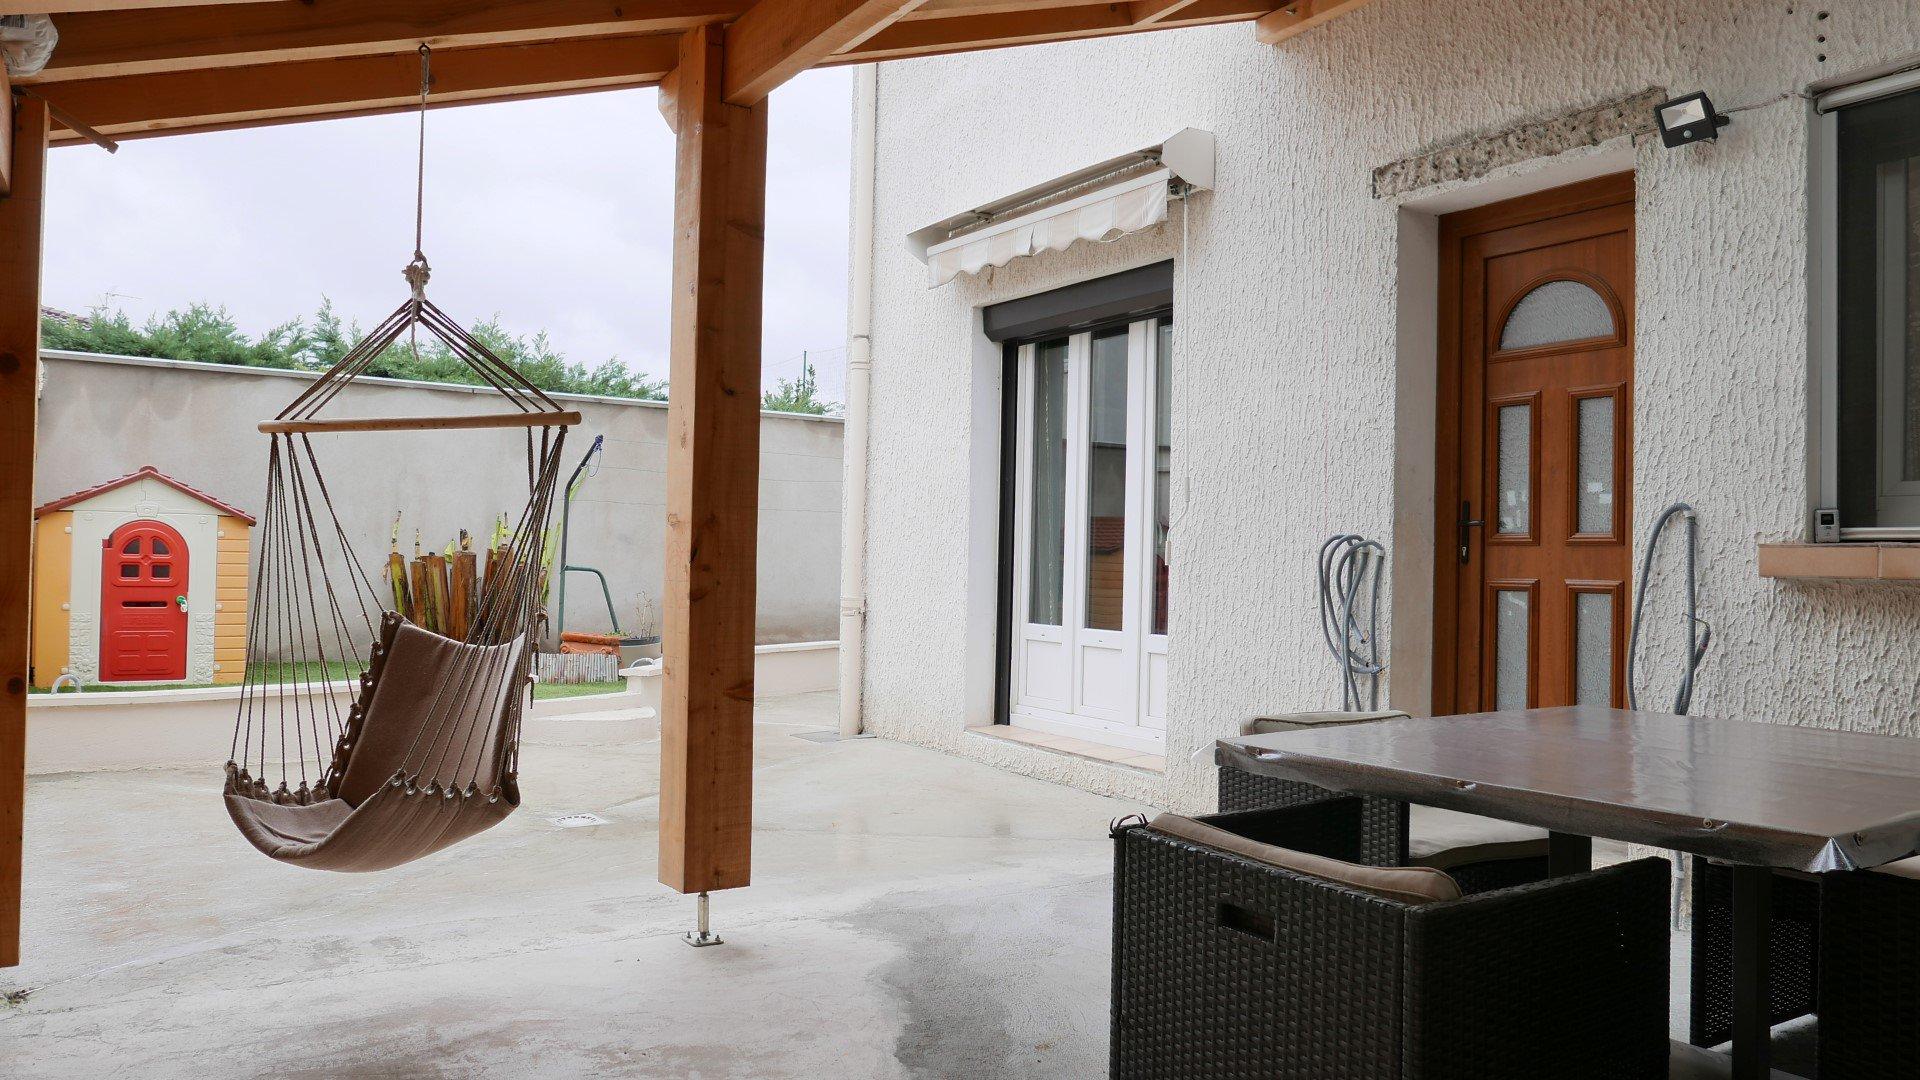 Achat Maison Surface de 250 m², 5 pièces, Vénissieux (69200)